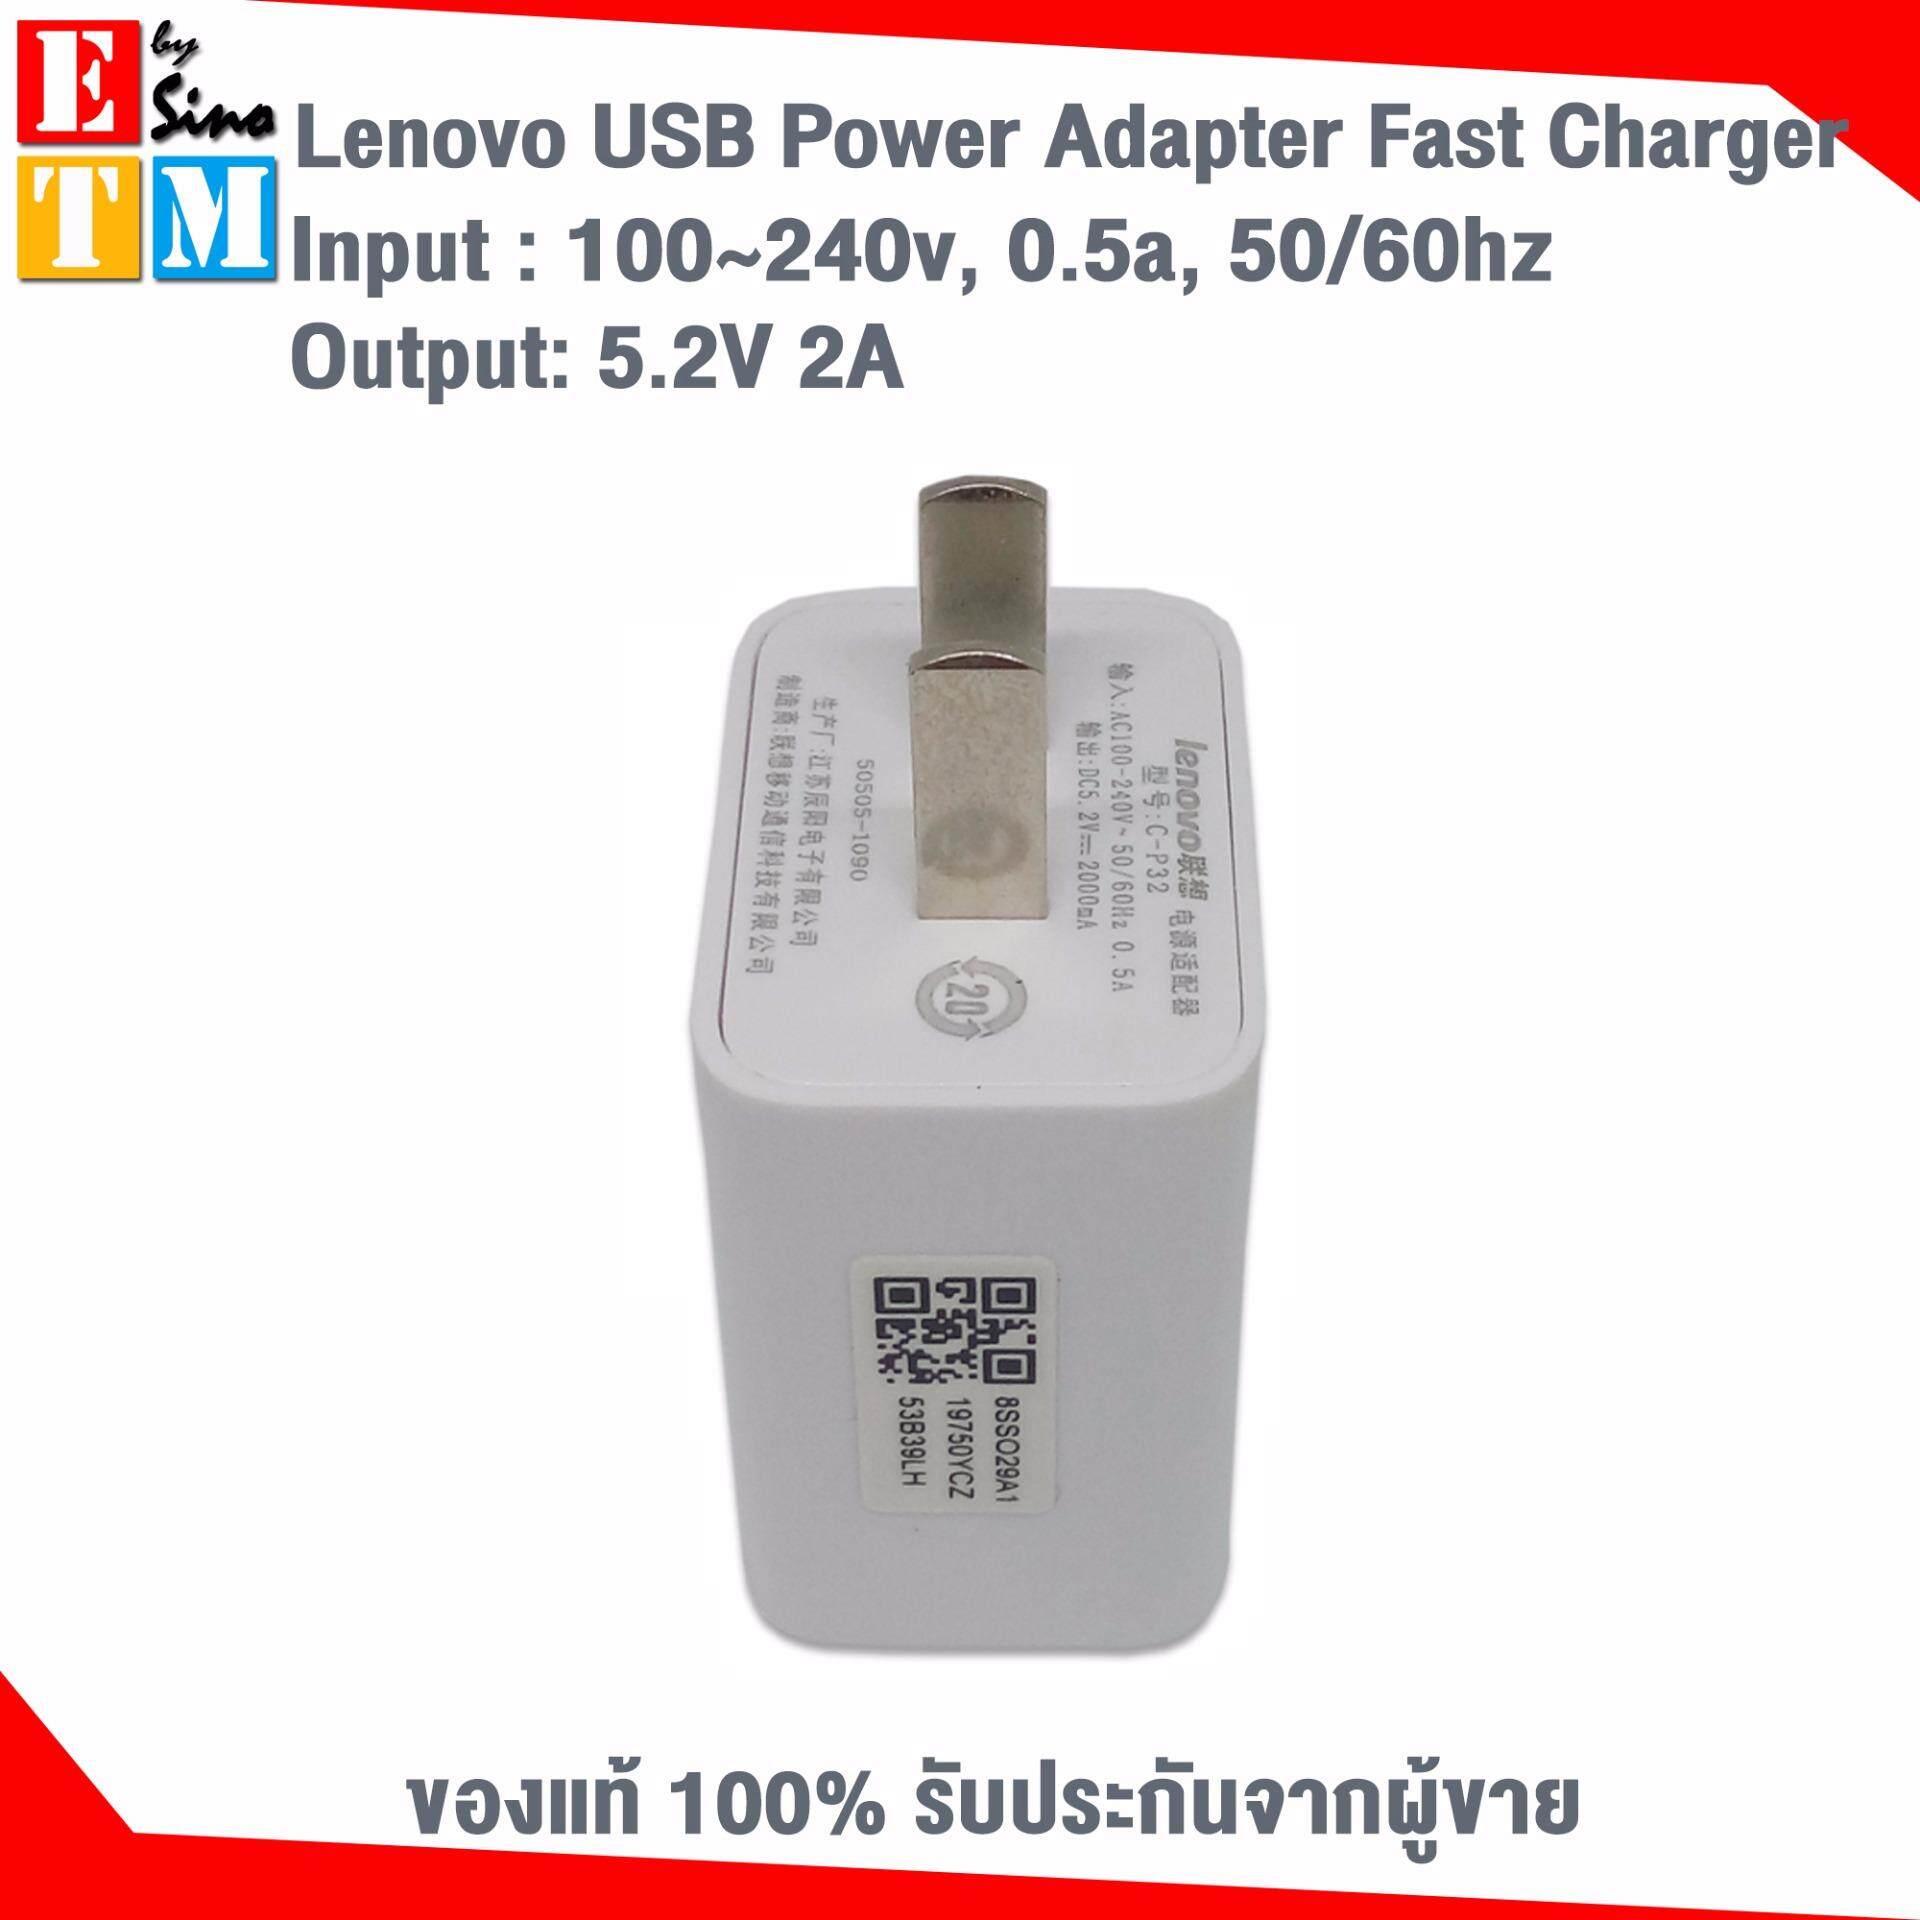 ซื้อ Lenovo หัวชาร์จ Usb Power Adapter Fast Charger 5 2V 2A สีขาว Lenovo ถูก